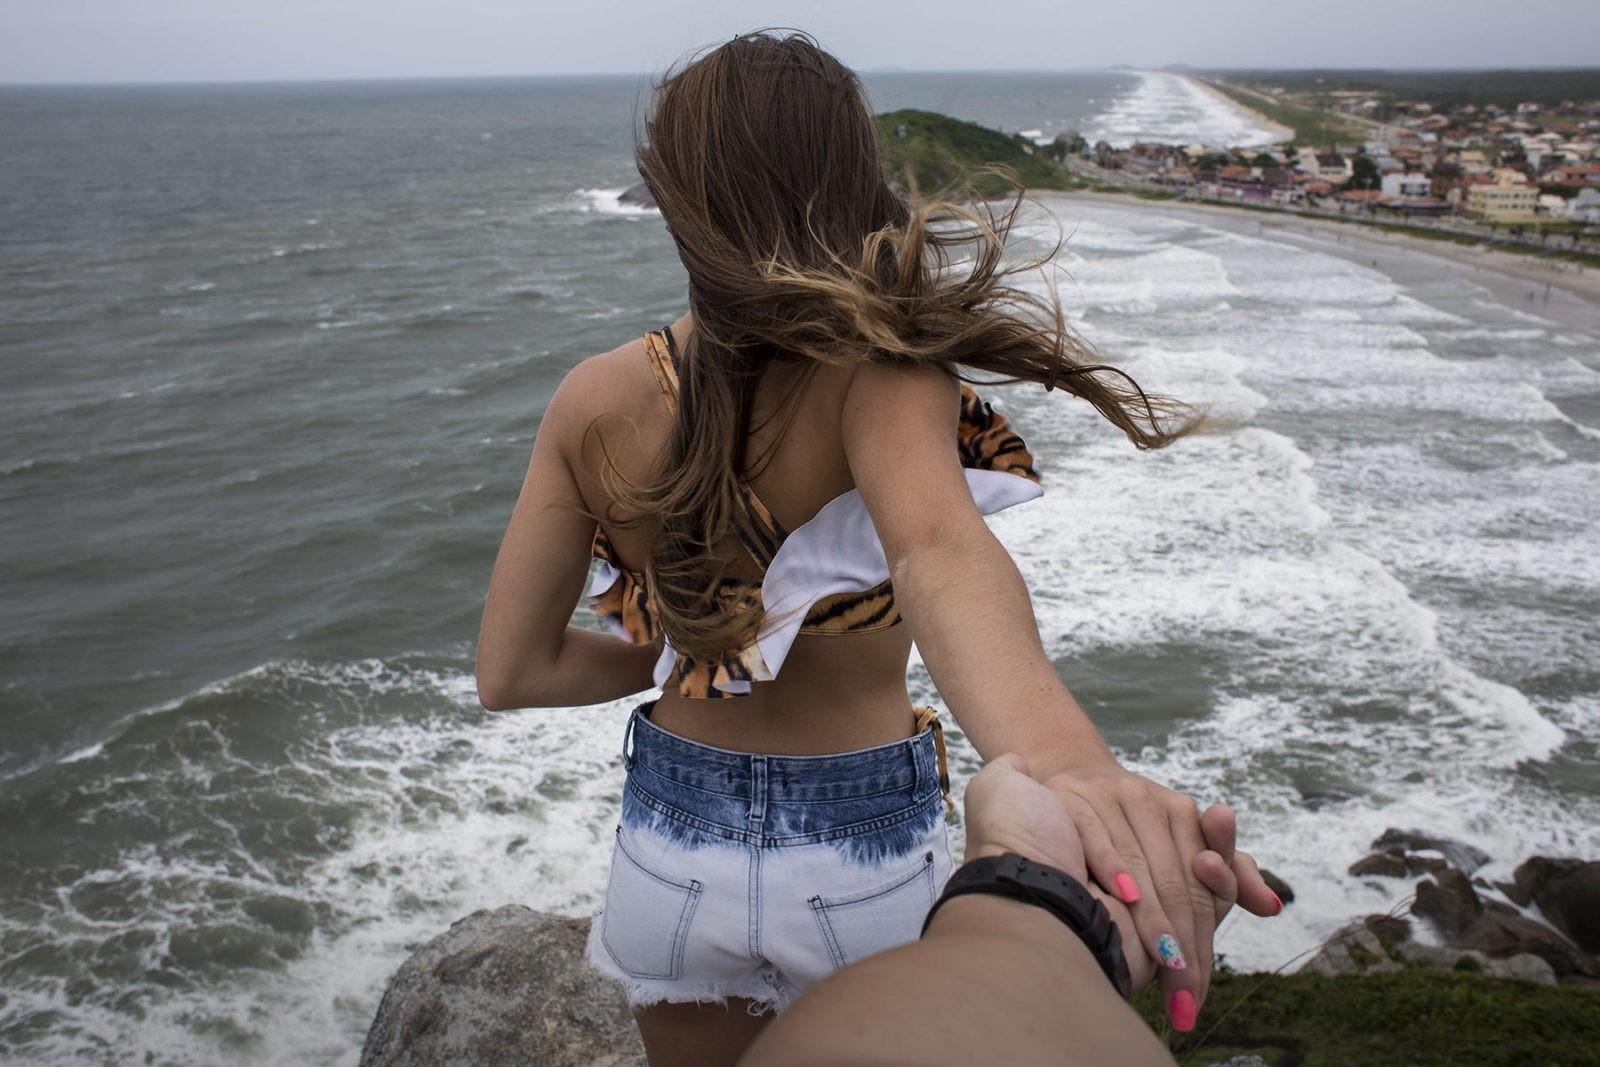 São Francisco do Sul, Brazil